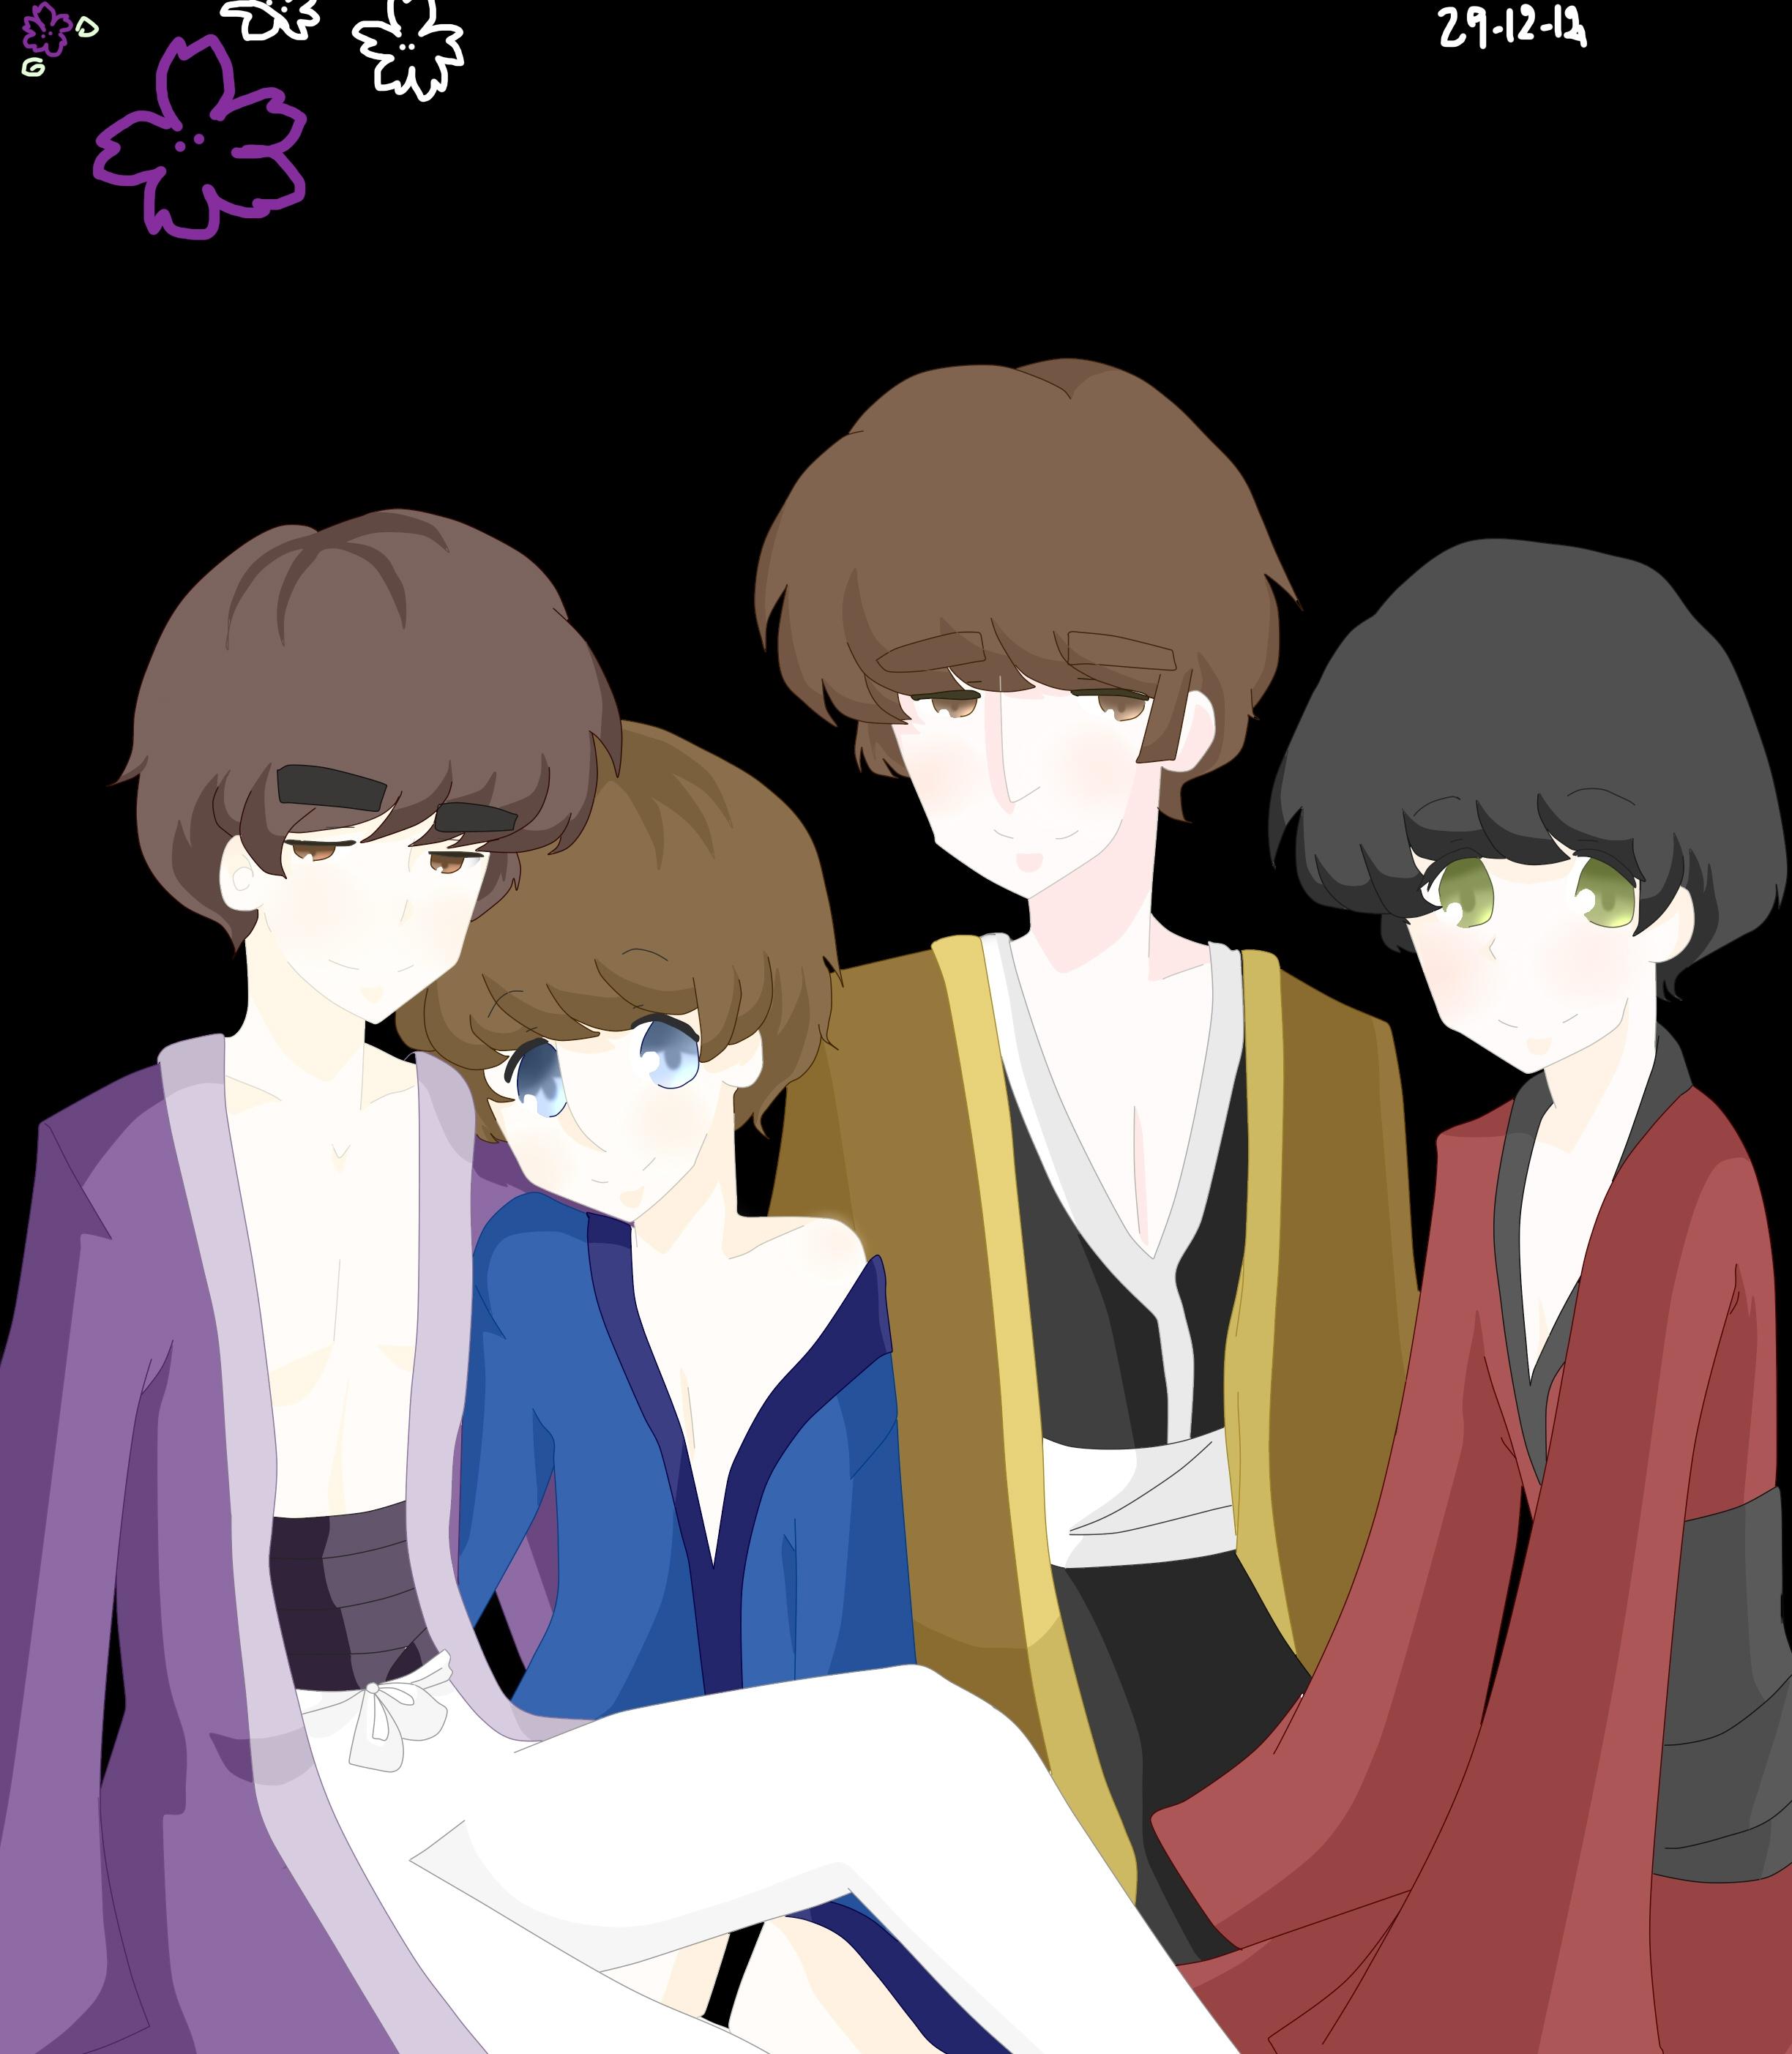 kimono by daisymcqueen